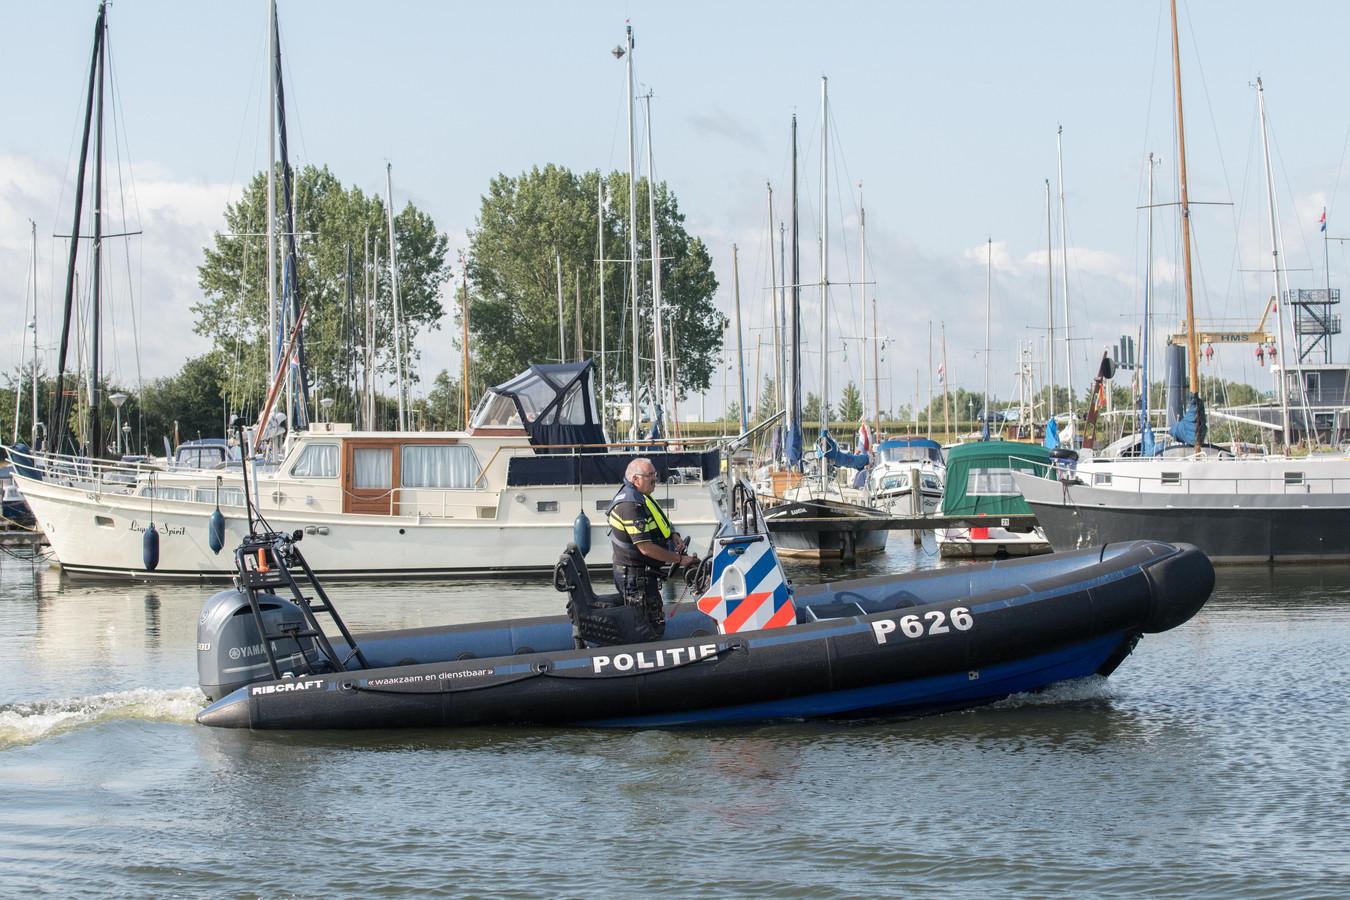 De waterpolitie vorig jaar in de haven van Zeewolde.